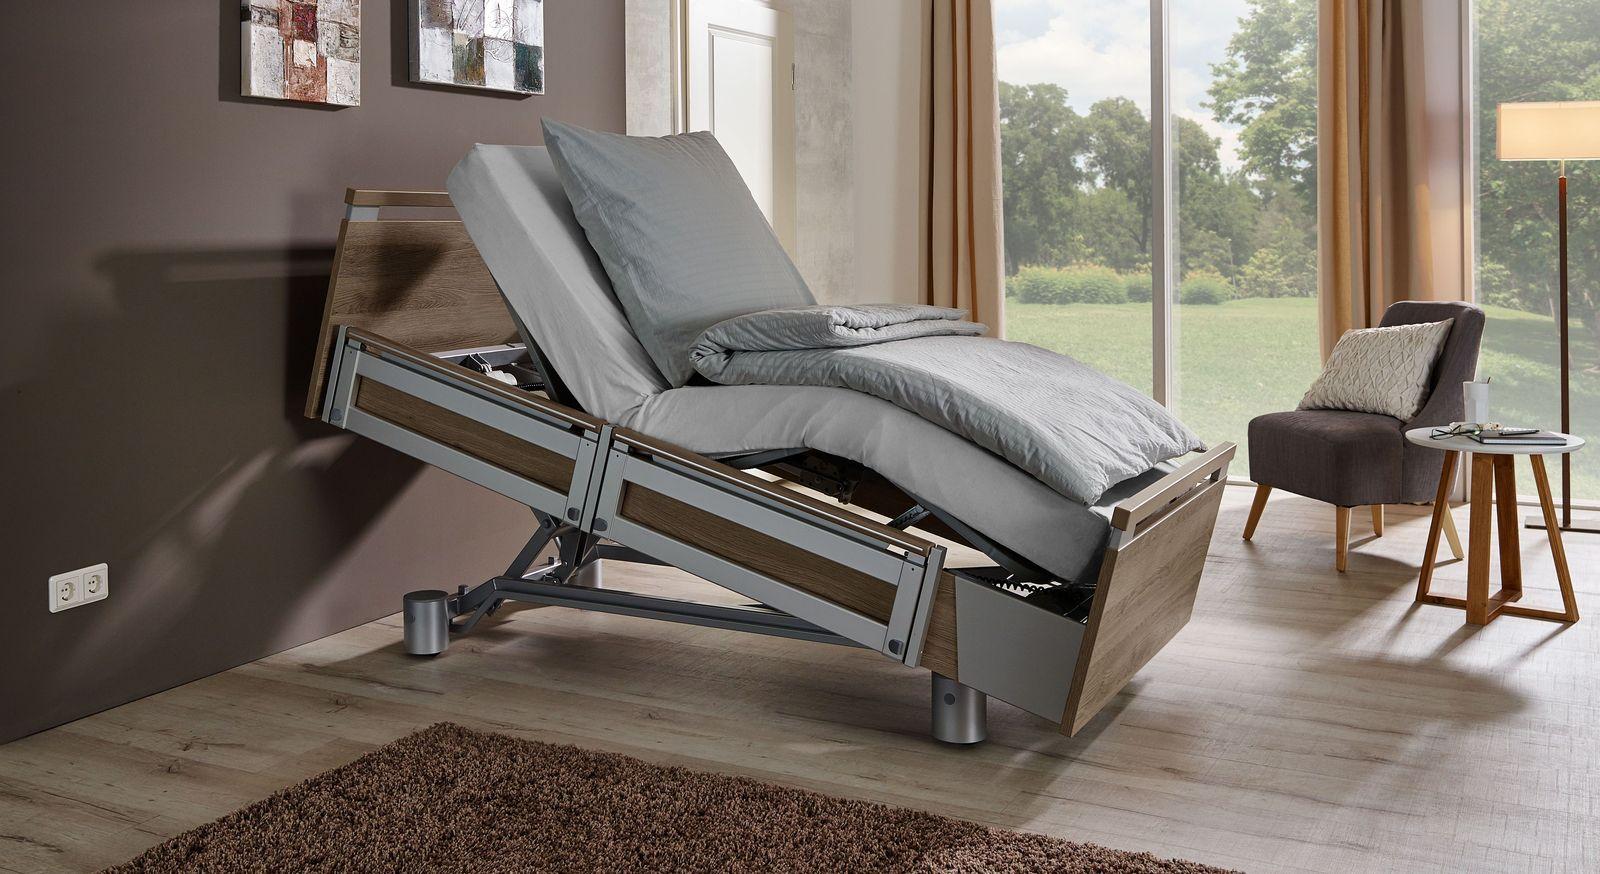 Stabiles Komfortbett mit Pflegebett-Funktion Usedom mit praktischer Verstellung